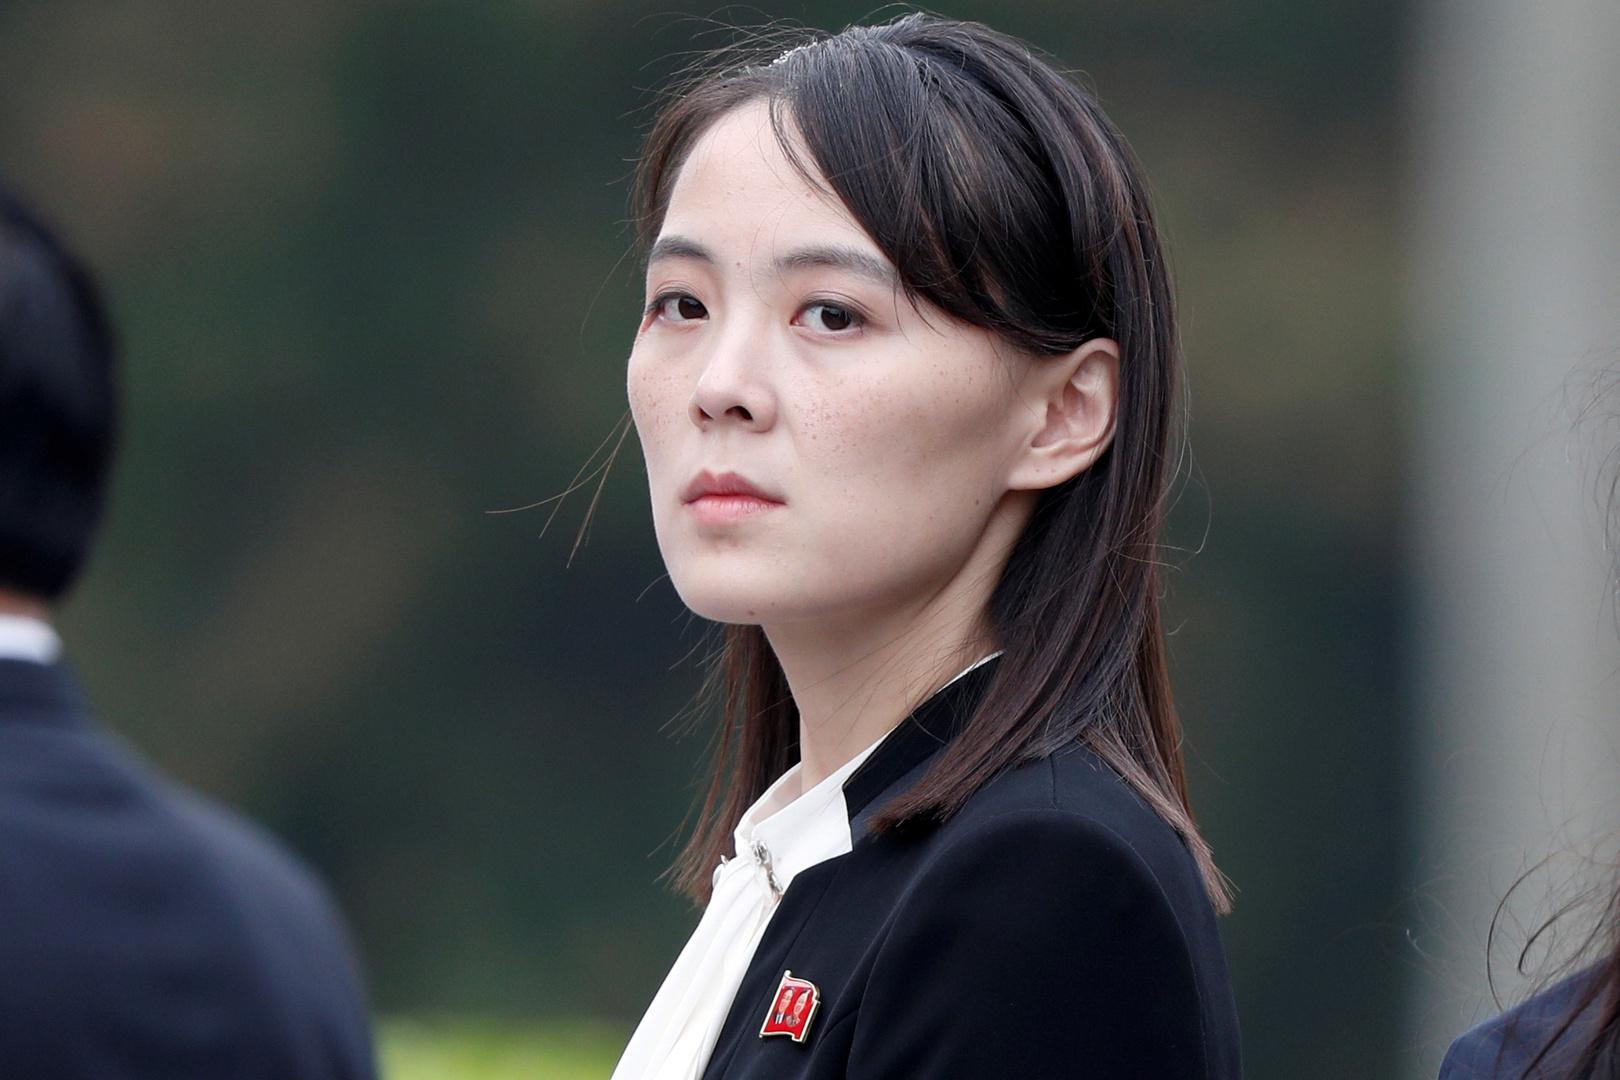 النائبة الأولى لرئيس اللجنة المركزية لحزب العمال الكوري، كيم يو جونغ، الشقيقة الصغيرة لزعيم كوريا الشمالية، كيم جونغ أون.